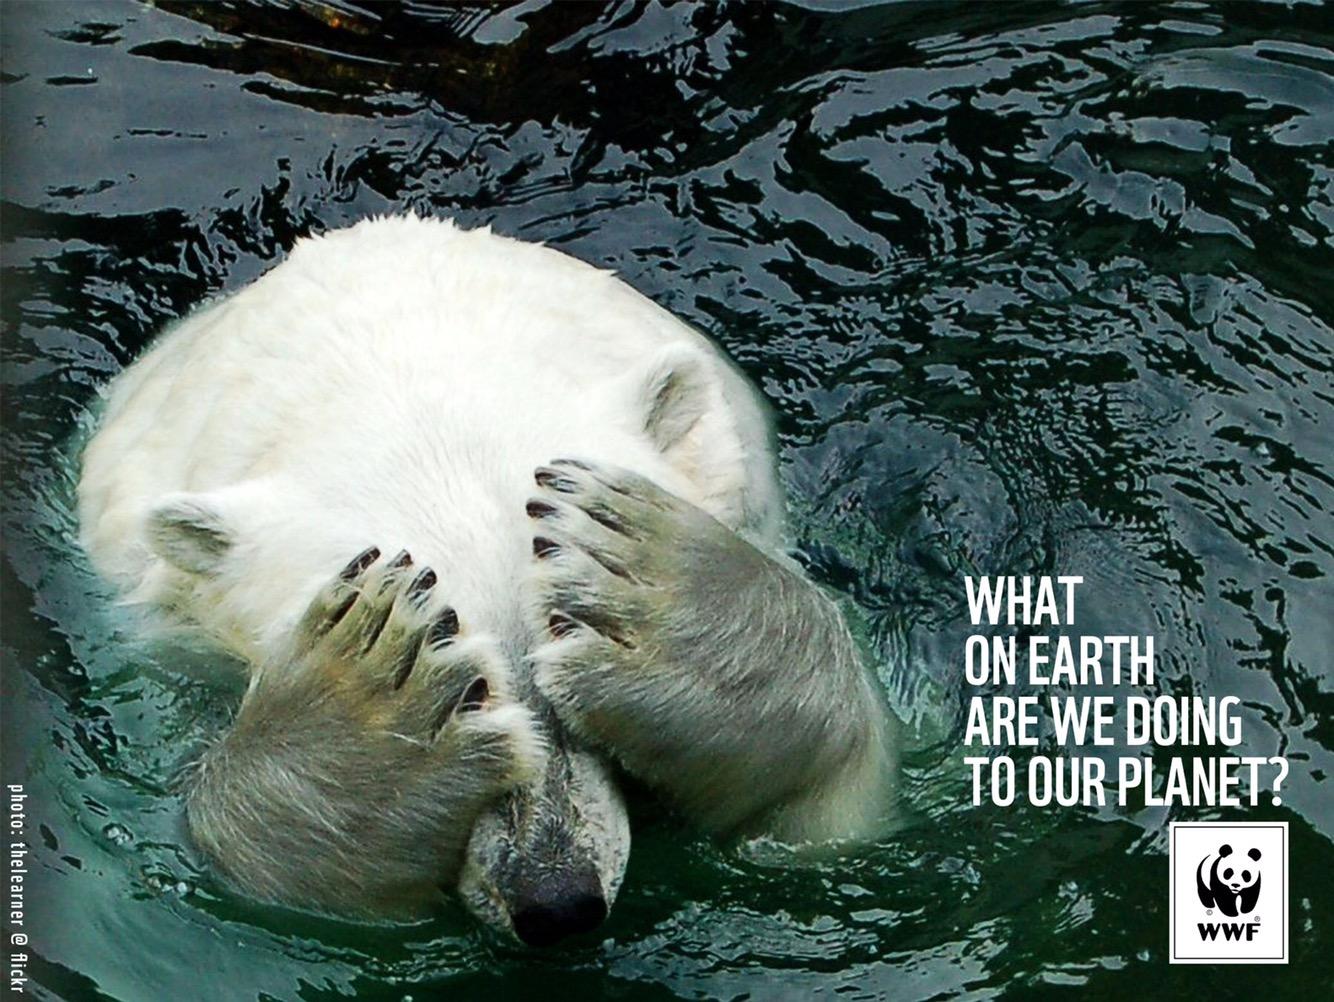 Réagissons ! La sixième extinction de masse des animaux s'accélère